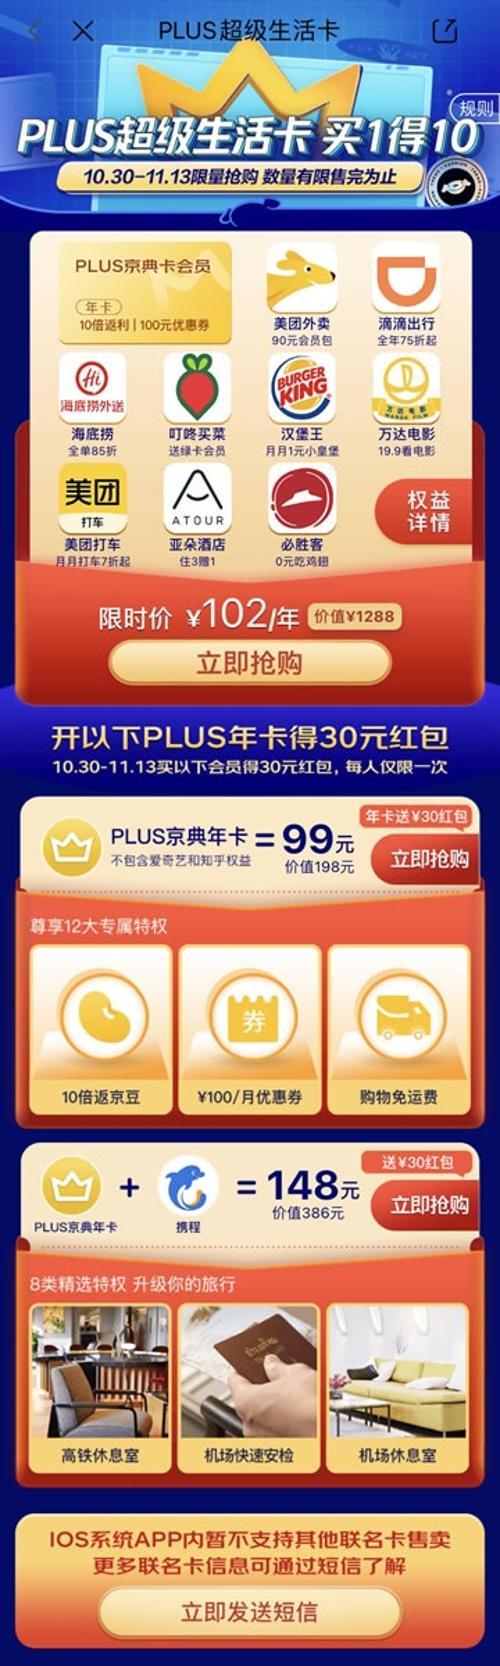 京东Plus会员年卡买1得10